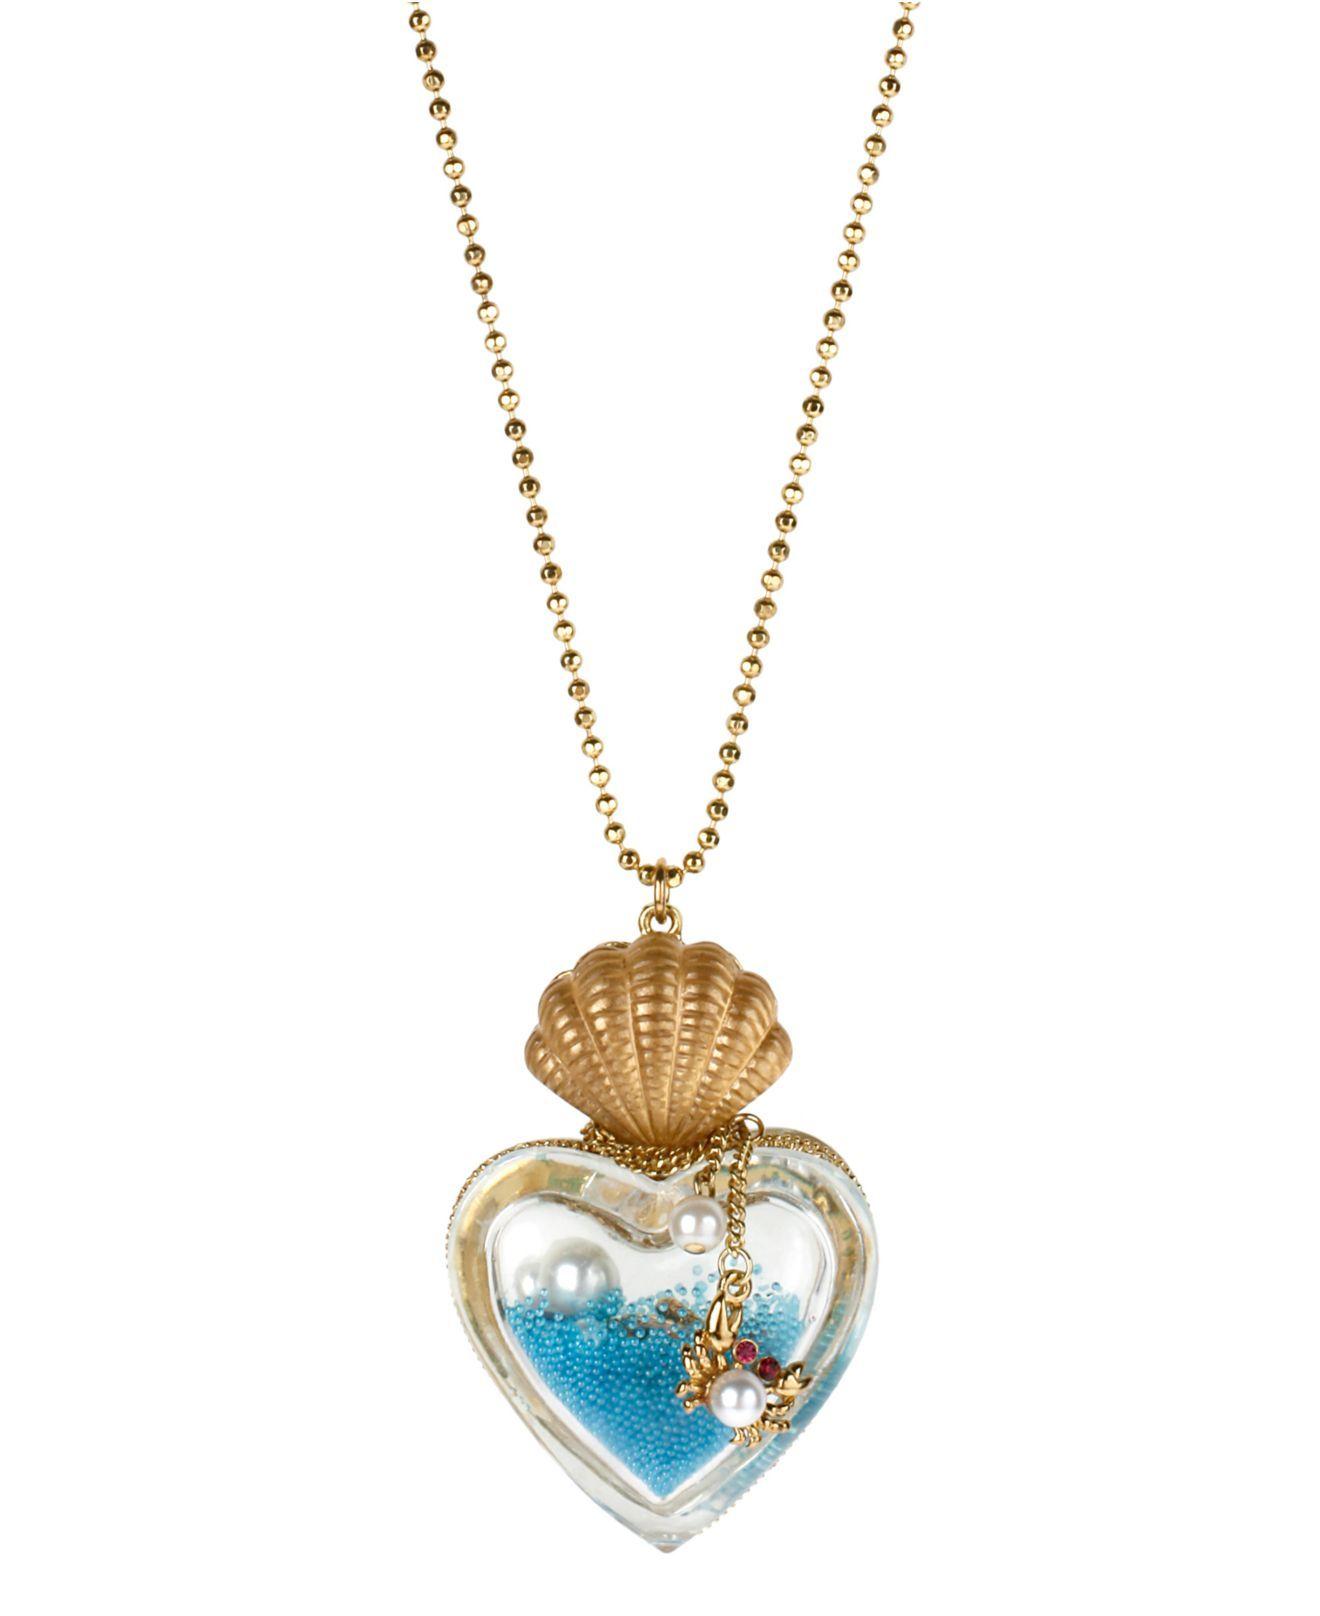 Bet ey john on mermaidtale heart bottle necklace cex uk bitcoins